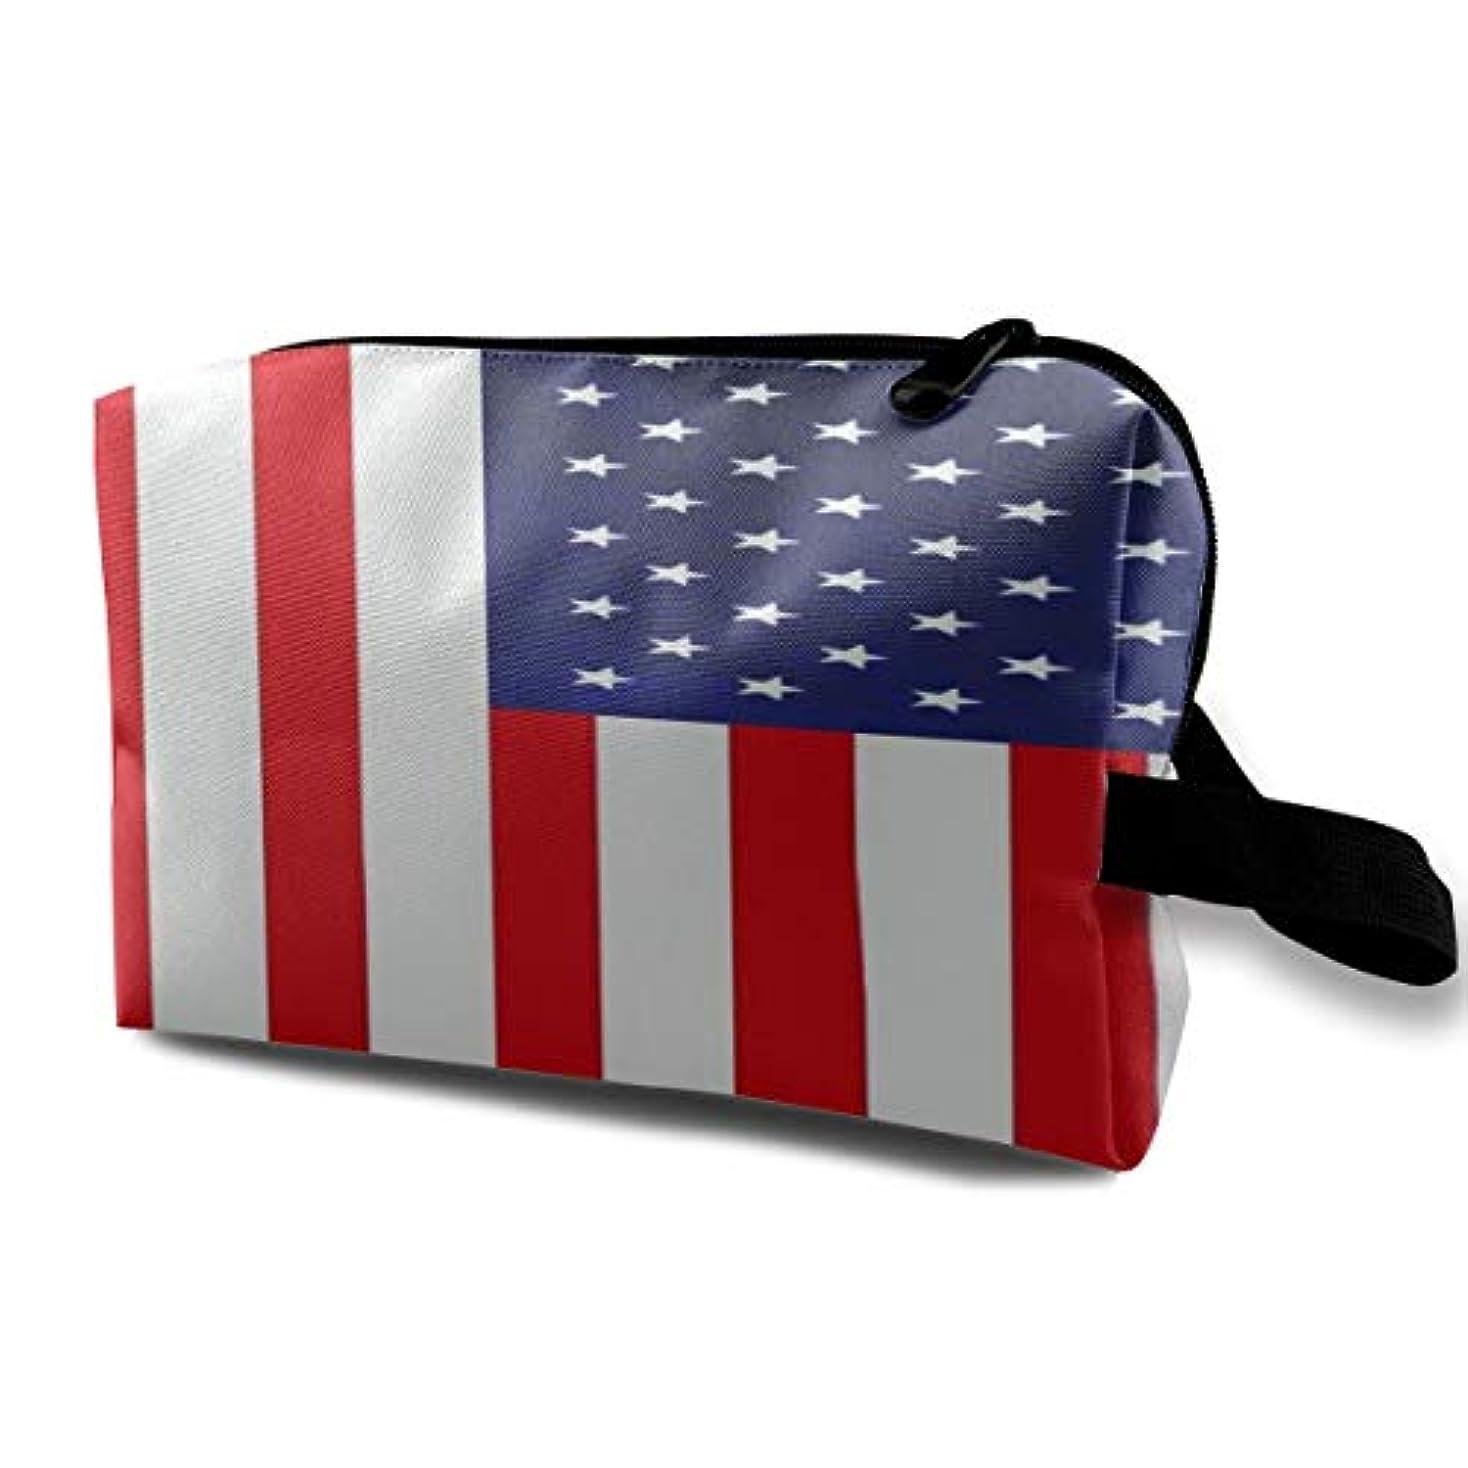 送金がっかりした日付American Flag 収納ポーチ 化粧ポーチ 大容量 軽量 耐久性 ハンドル付持ち運び便利。入れ 自宅?出張?旅行?アウトドア撮影などに対応。メンズ レディース トラベルグッズ